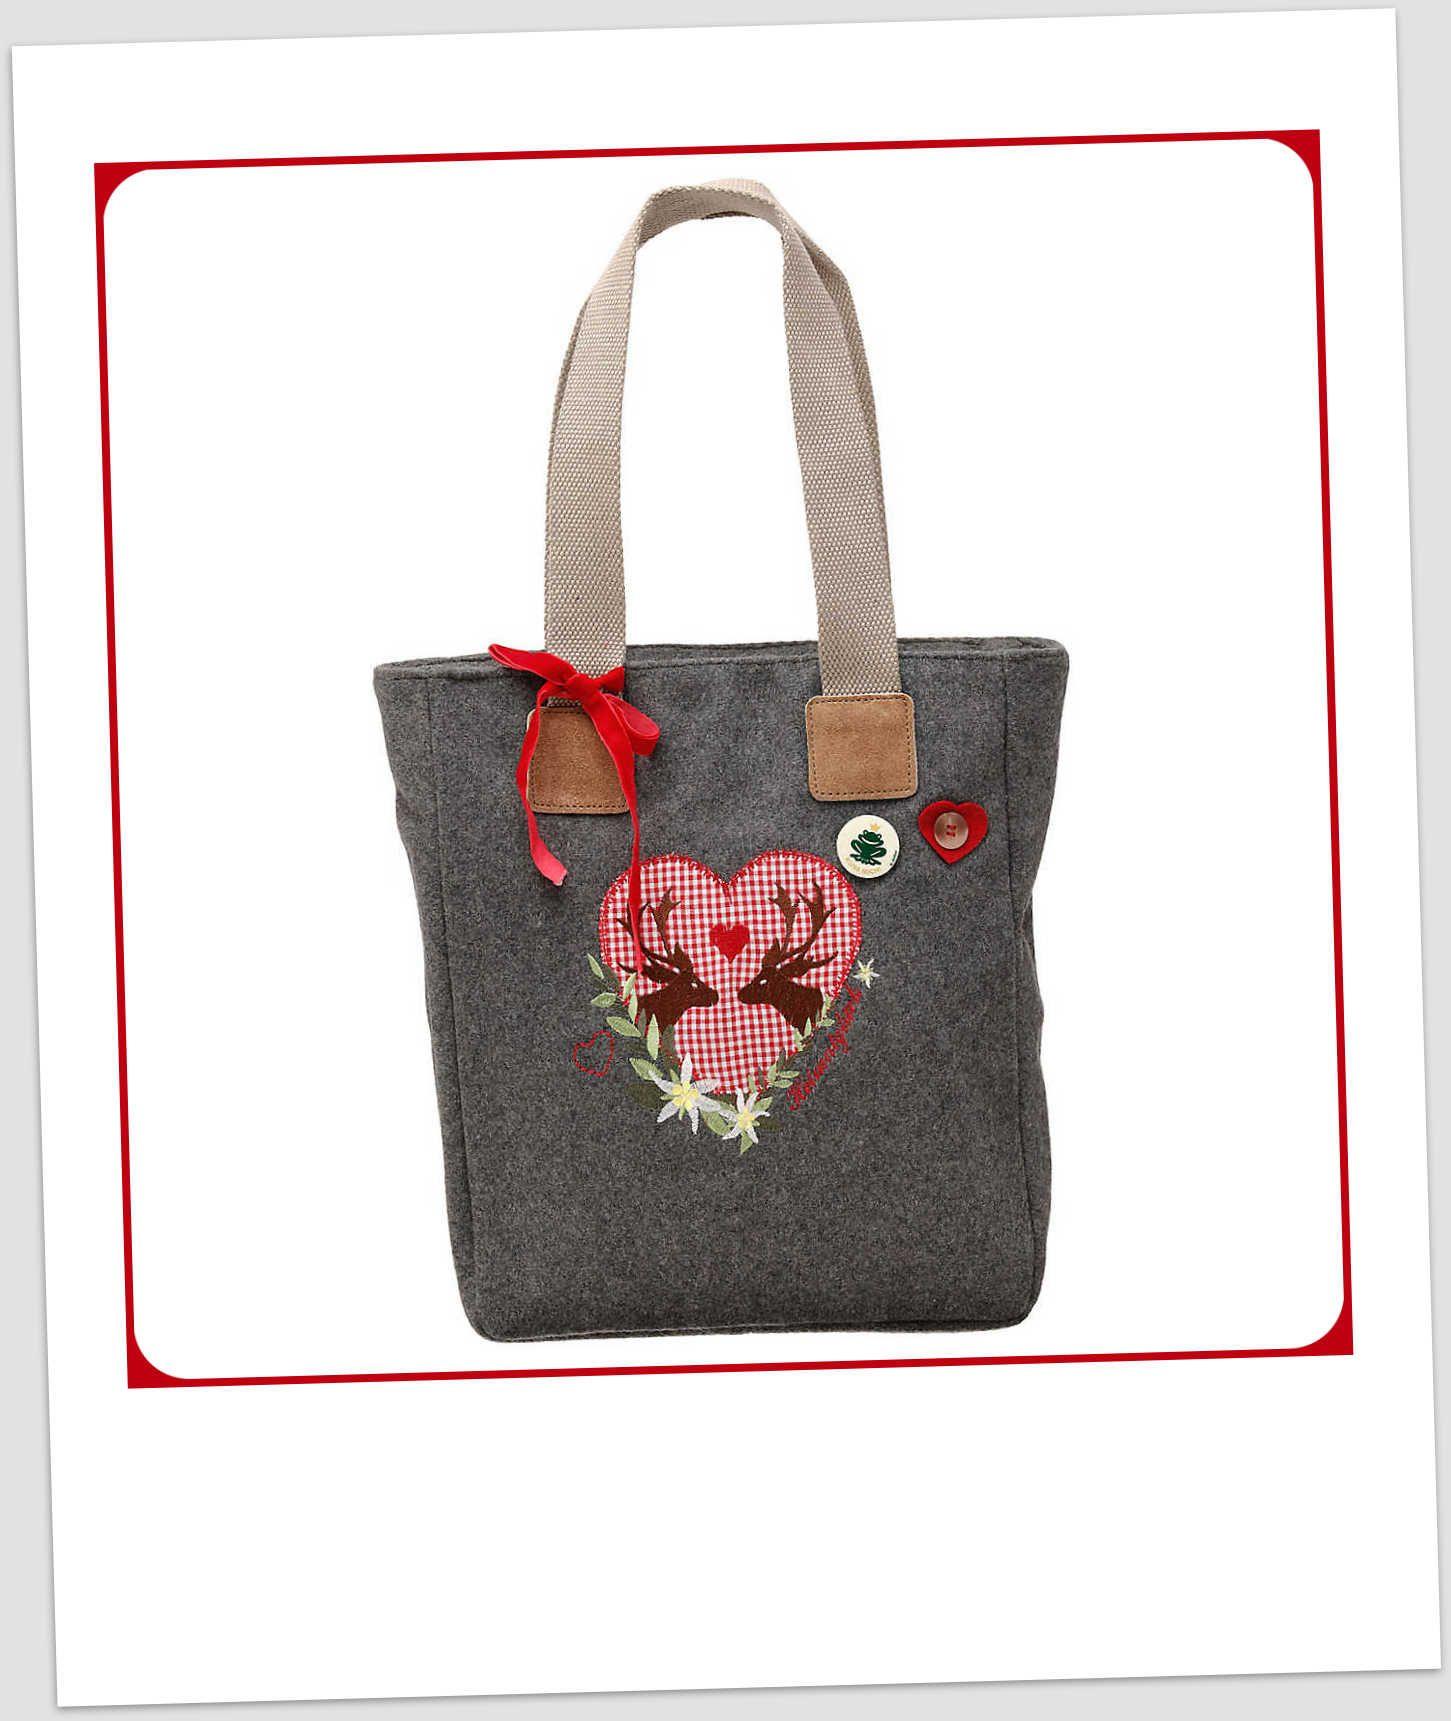 Hier sind Sie richtig  Adelheid Taschen günstig online kaufen bei ❤ mirapodo.  ✓ Kauf auf Rechnung ✓ Schnelle Lieferung ✓ Kostenloser Rückversand. 0786e6c2d3